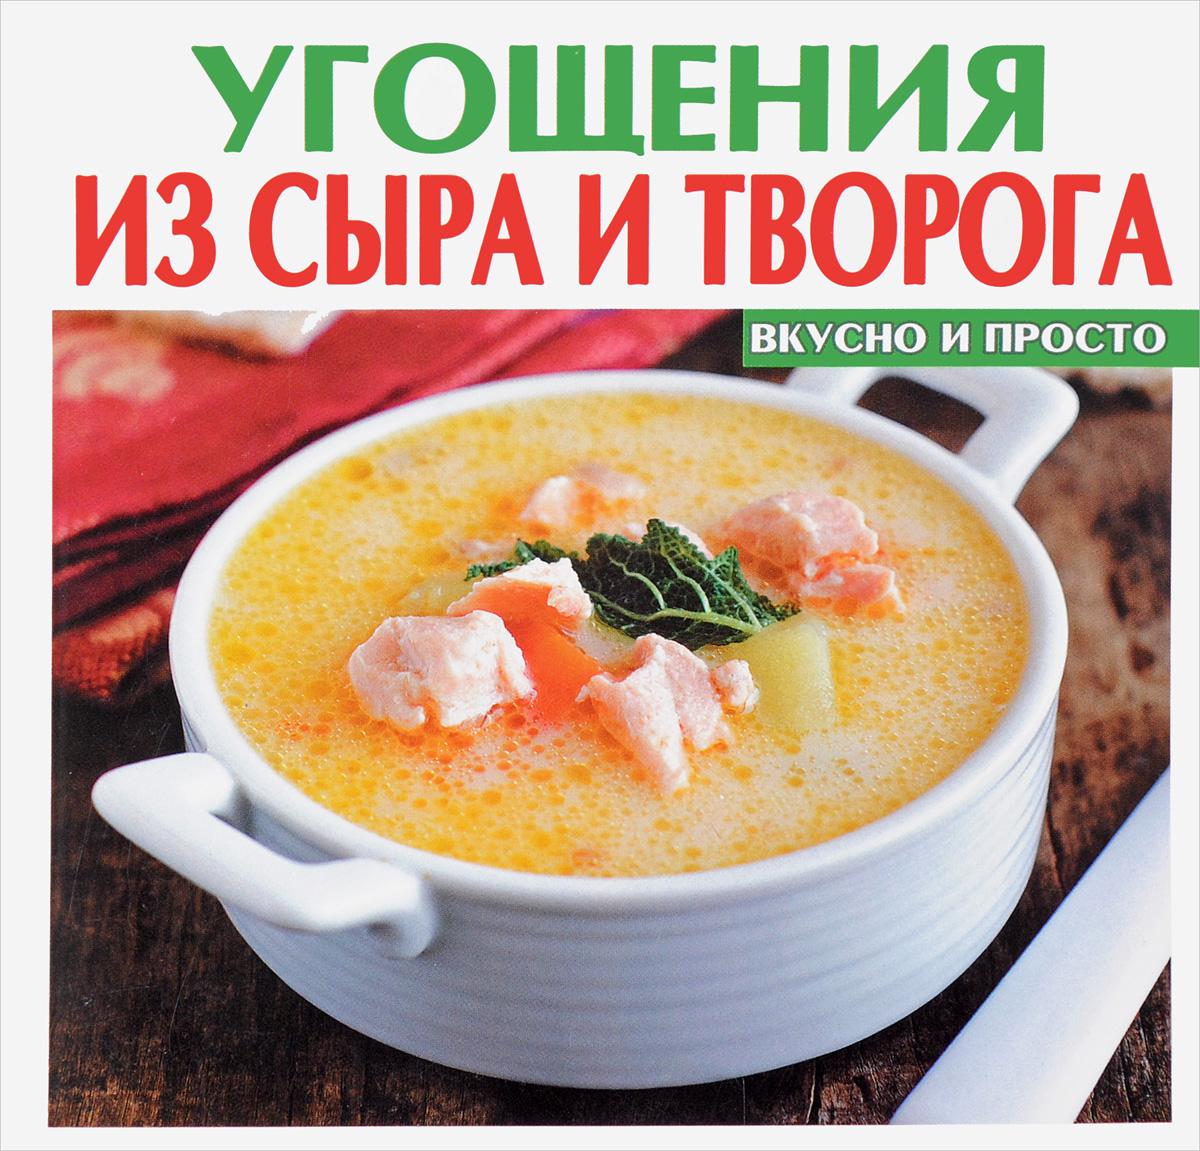 Вкусно и просто. Угощения из сыра и творога готовим просто и вкусно лучшие рецепты 20 брошюр